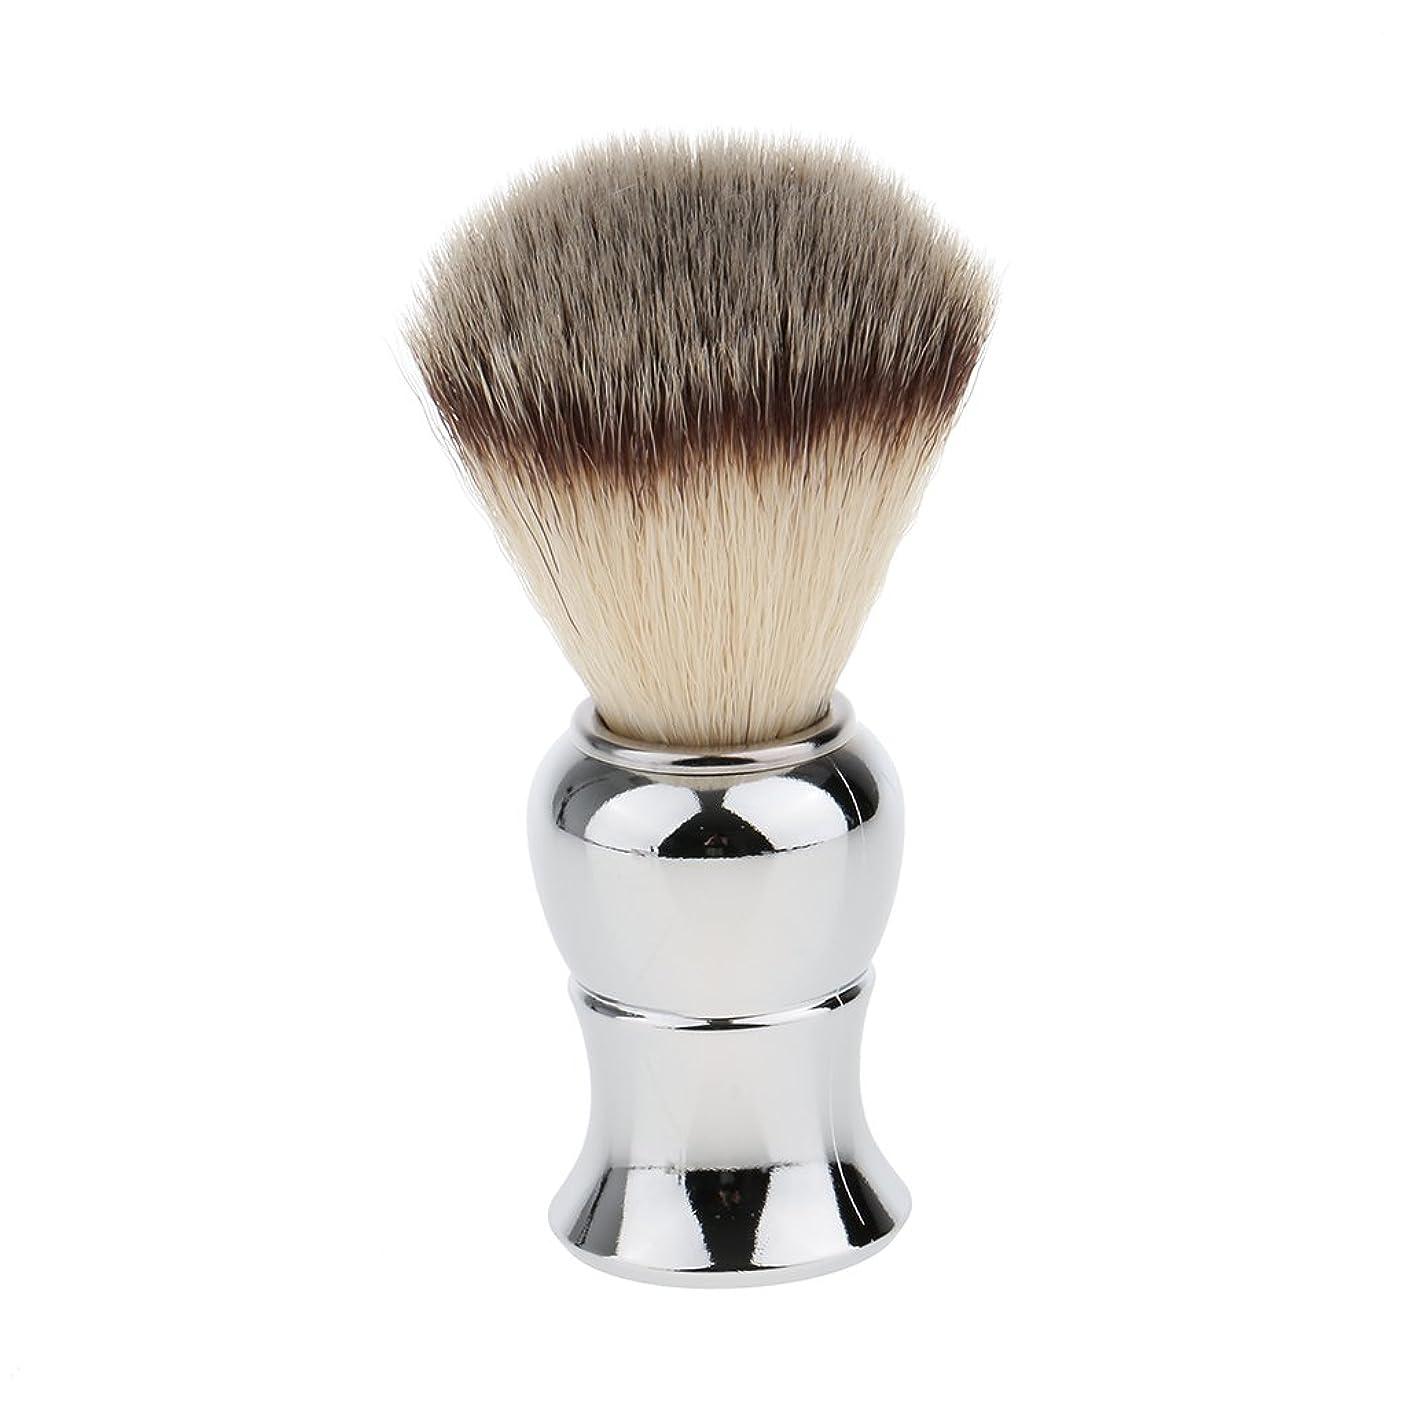 クライアントラフ似ているKesoto メンズ シェービングブラシ ソフト ナイロン 合金ハンドル シェービング ブラシ サロン 髭剃りツール